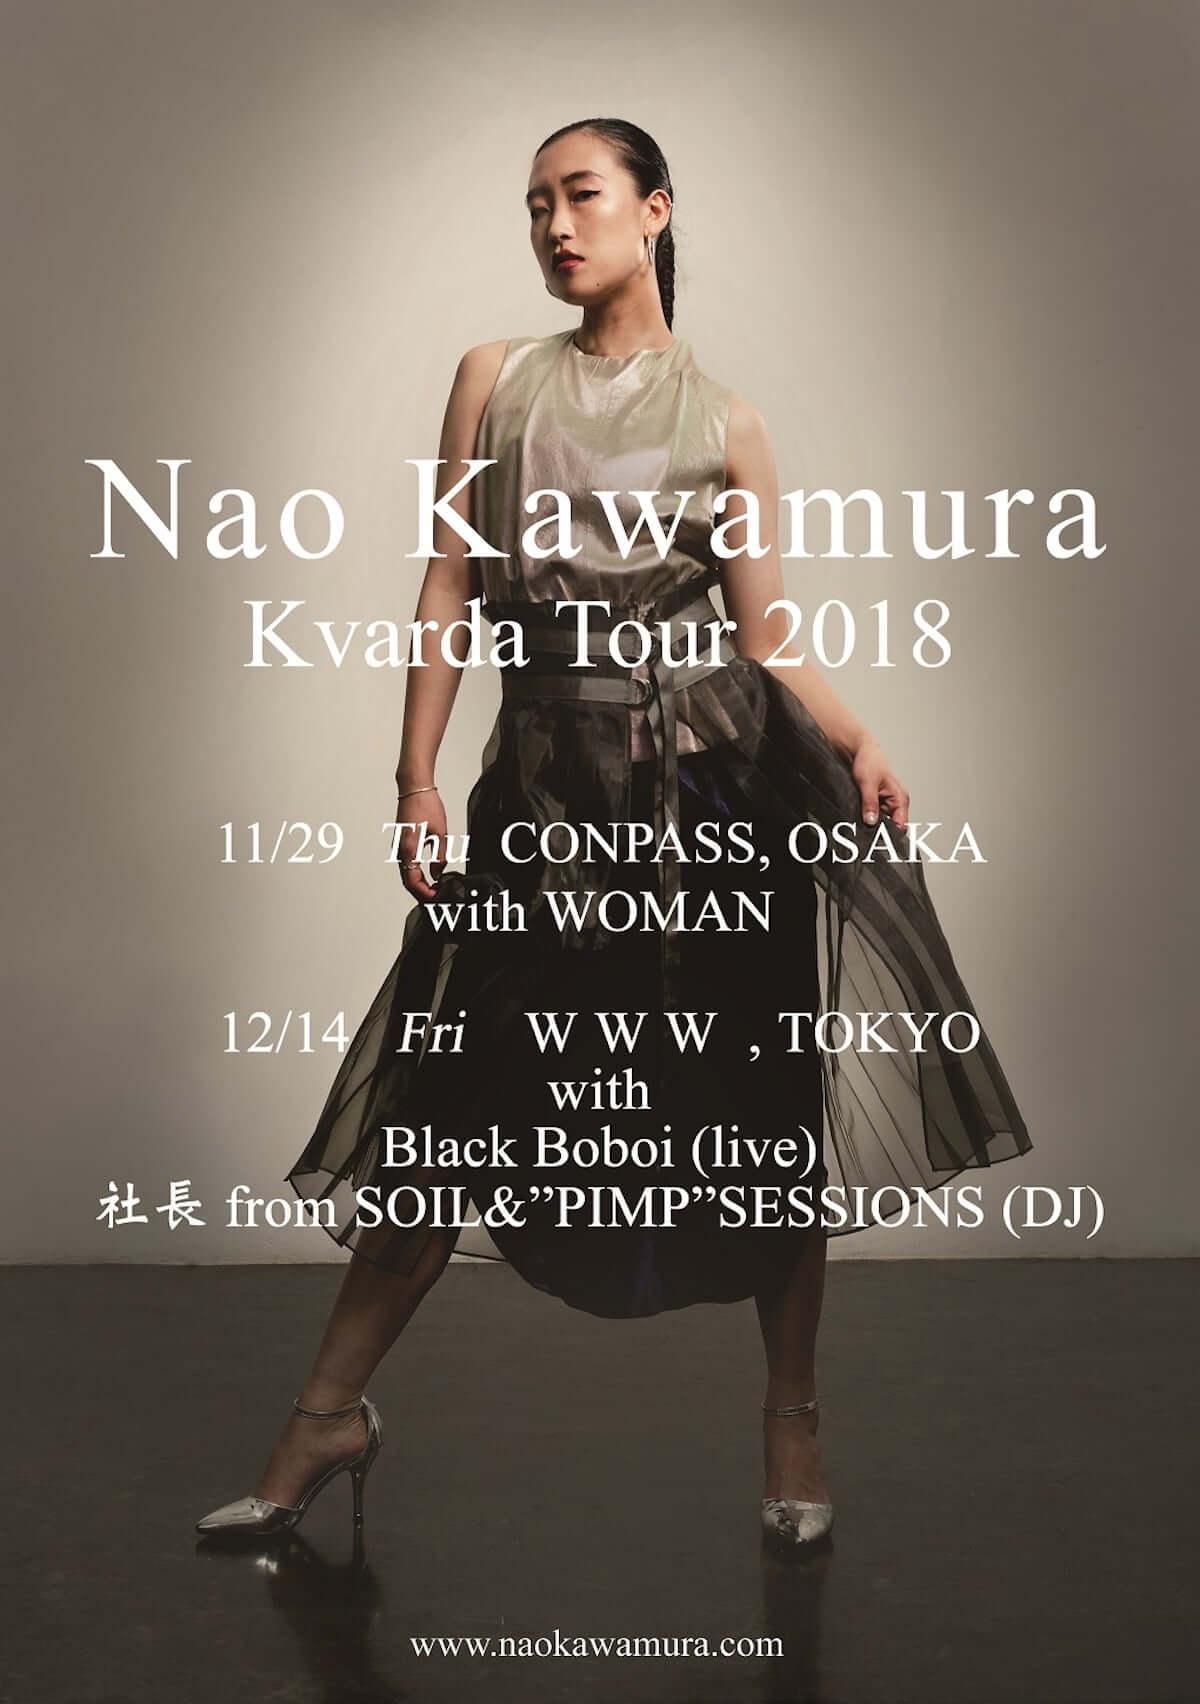 インタビュー|SuchmosもWONKもソイルも絶賛!「日本のエリカ・バドゥ」と称される最注目シンガー、Nao Kawamuraとは? intervew_naokawamura_2-1200x1704